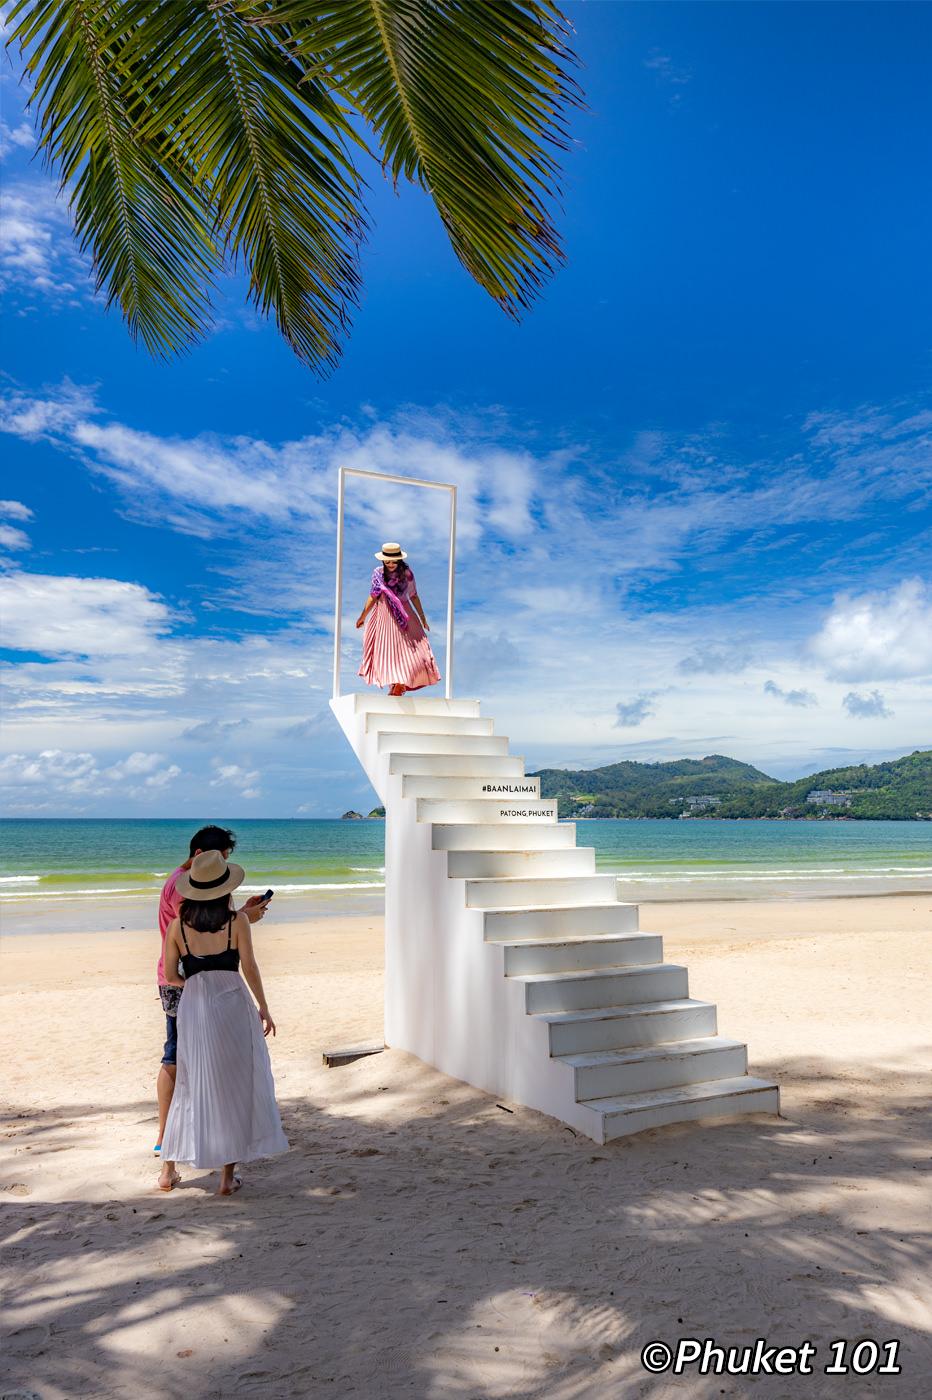 Baan Lamai Patong selfie spot